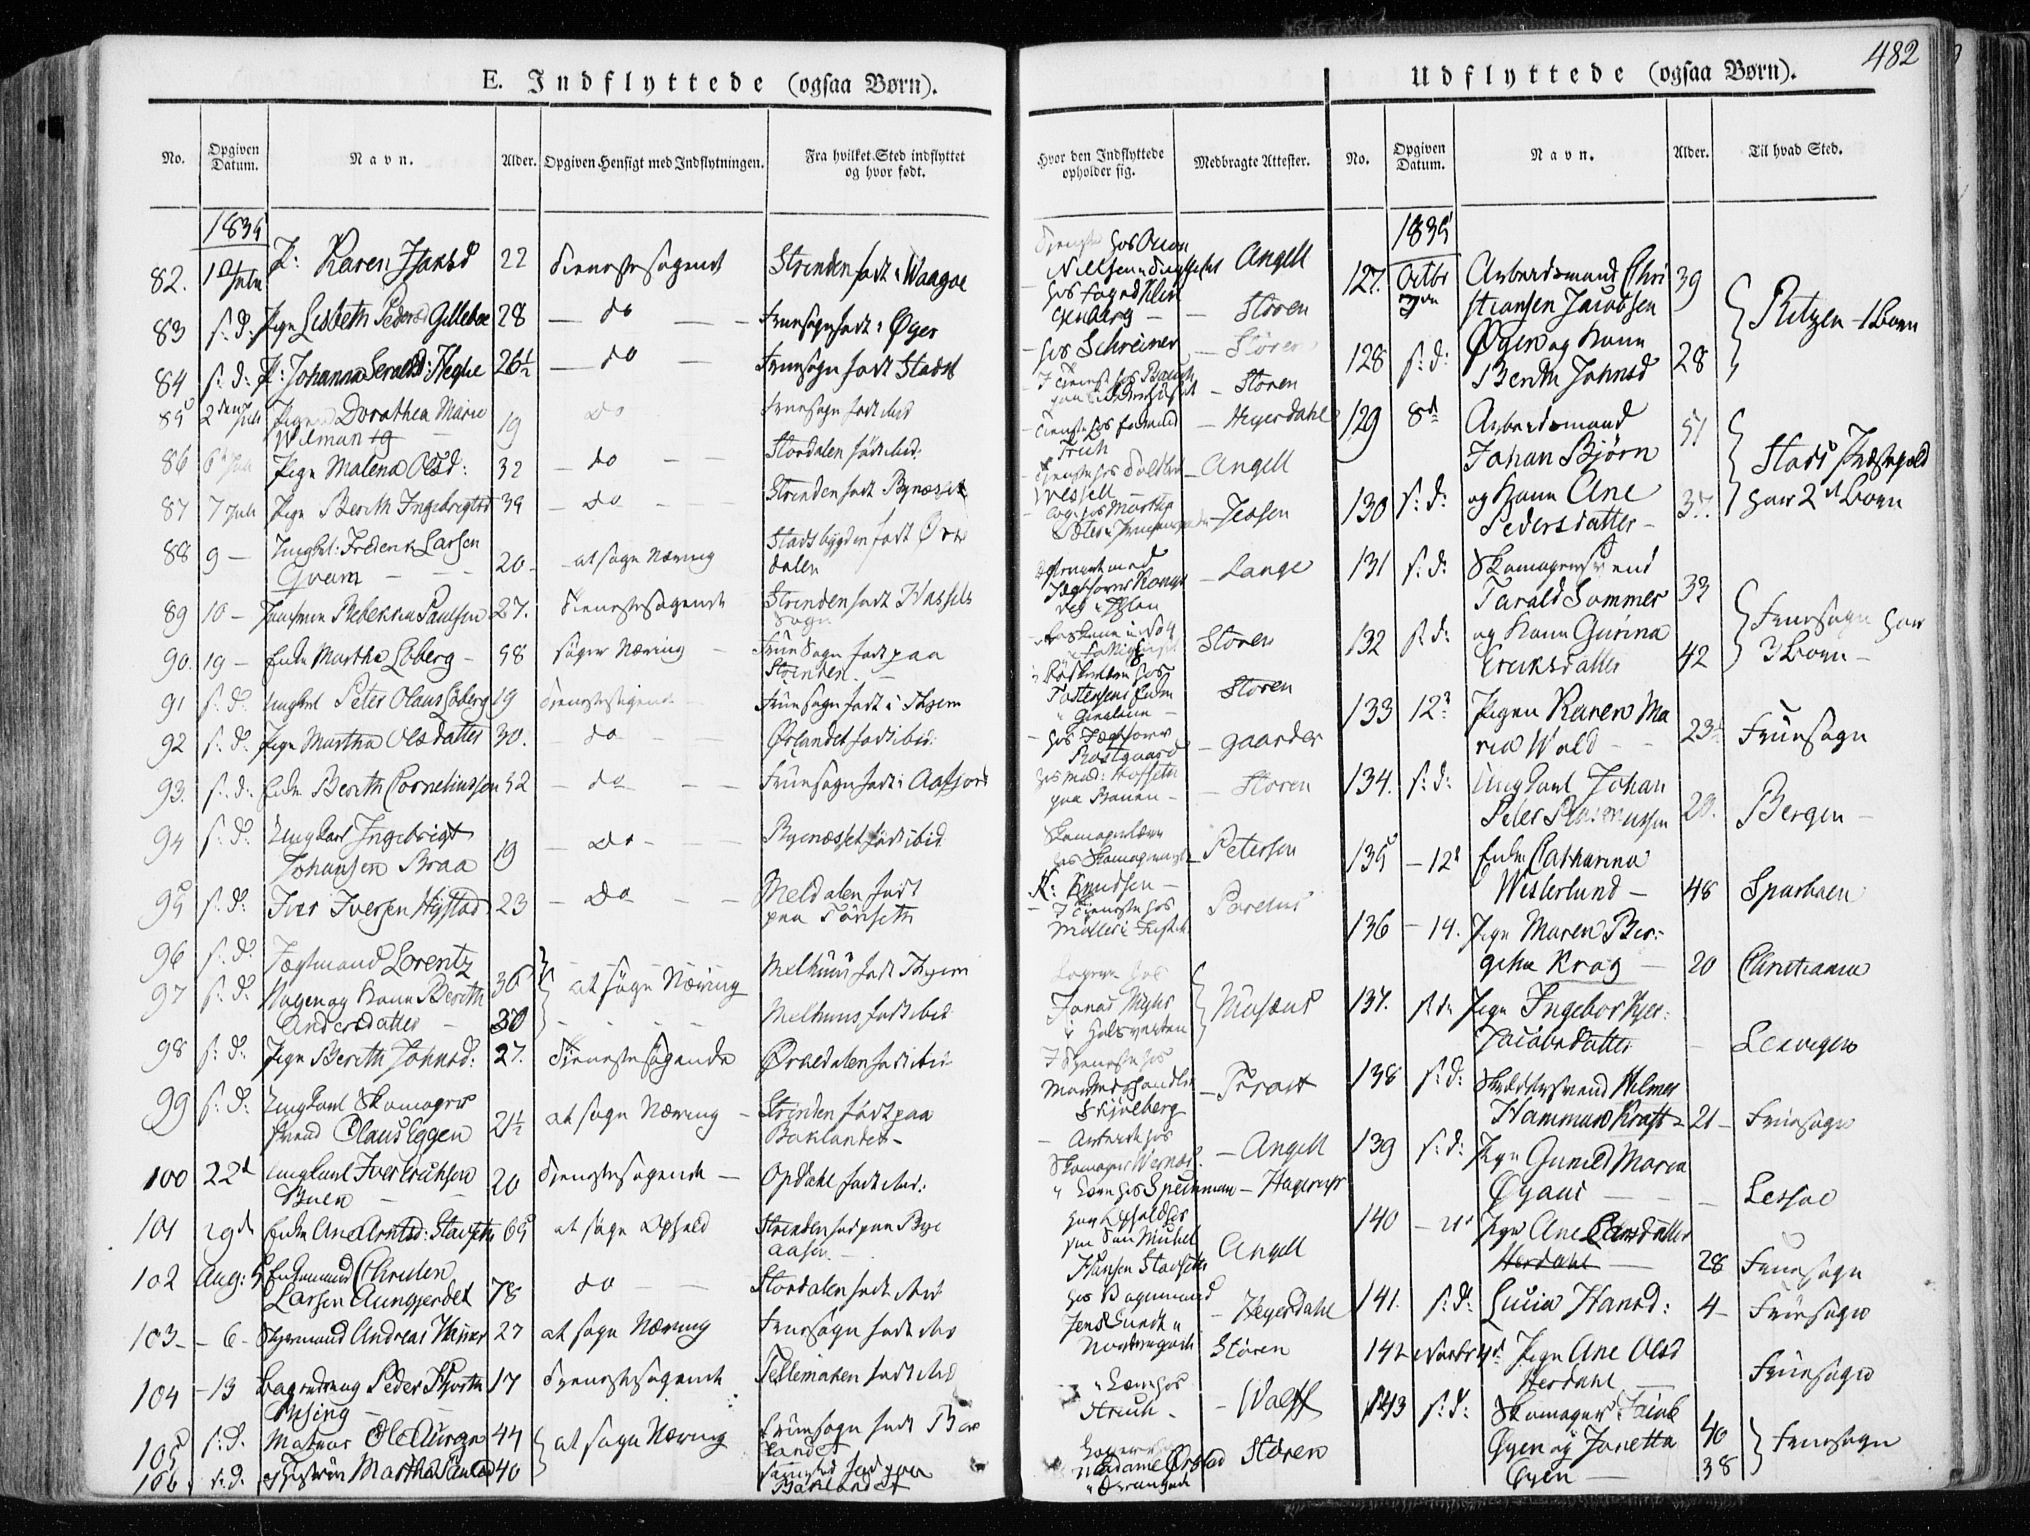 SAT, Ministerialprotokoller, klokkerbøker og fødselsregistre - Sør-Trøndelag, 601/L0047: Ministerialbok nr. 601A15, 1831-1839, s. 482